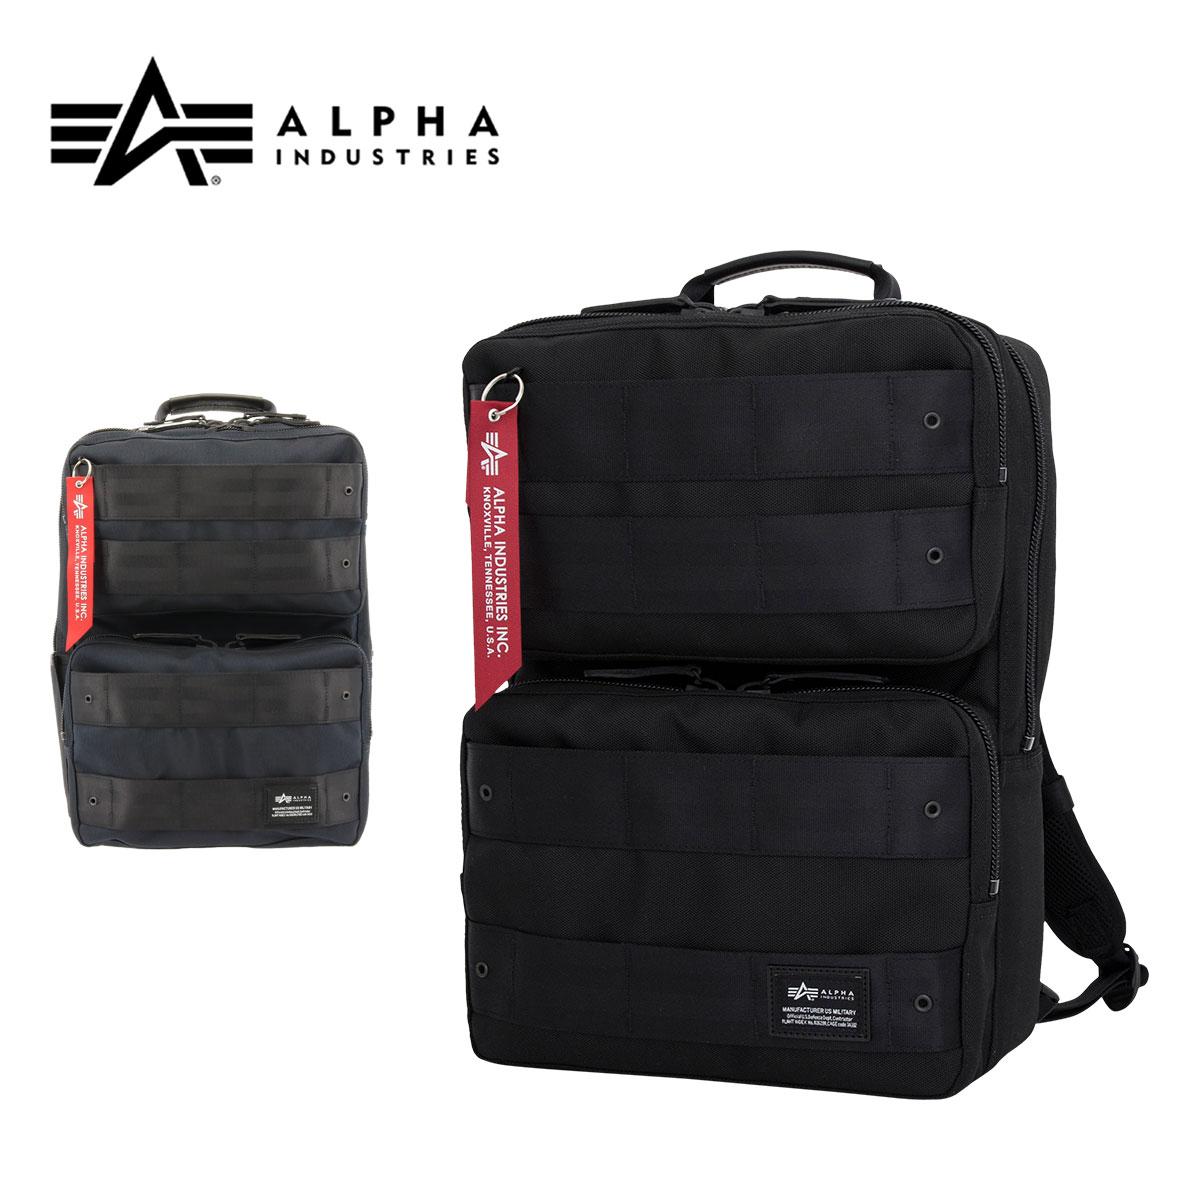 アルファインダストリーズ 3WAYビジネスバッグ メンズ 日本製 40081 ALPHA INDUSTRIES リュック 豊岡鞄 A4 キャリーオン 容量12L [PO10][bef]